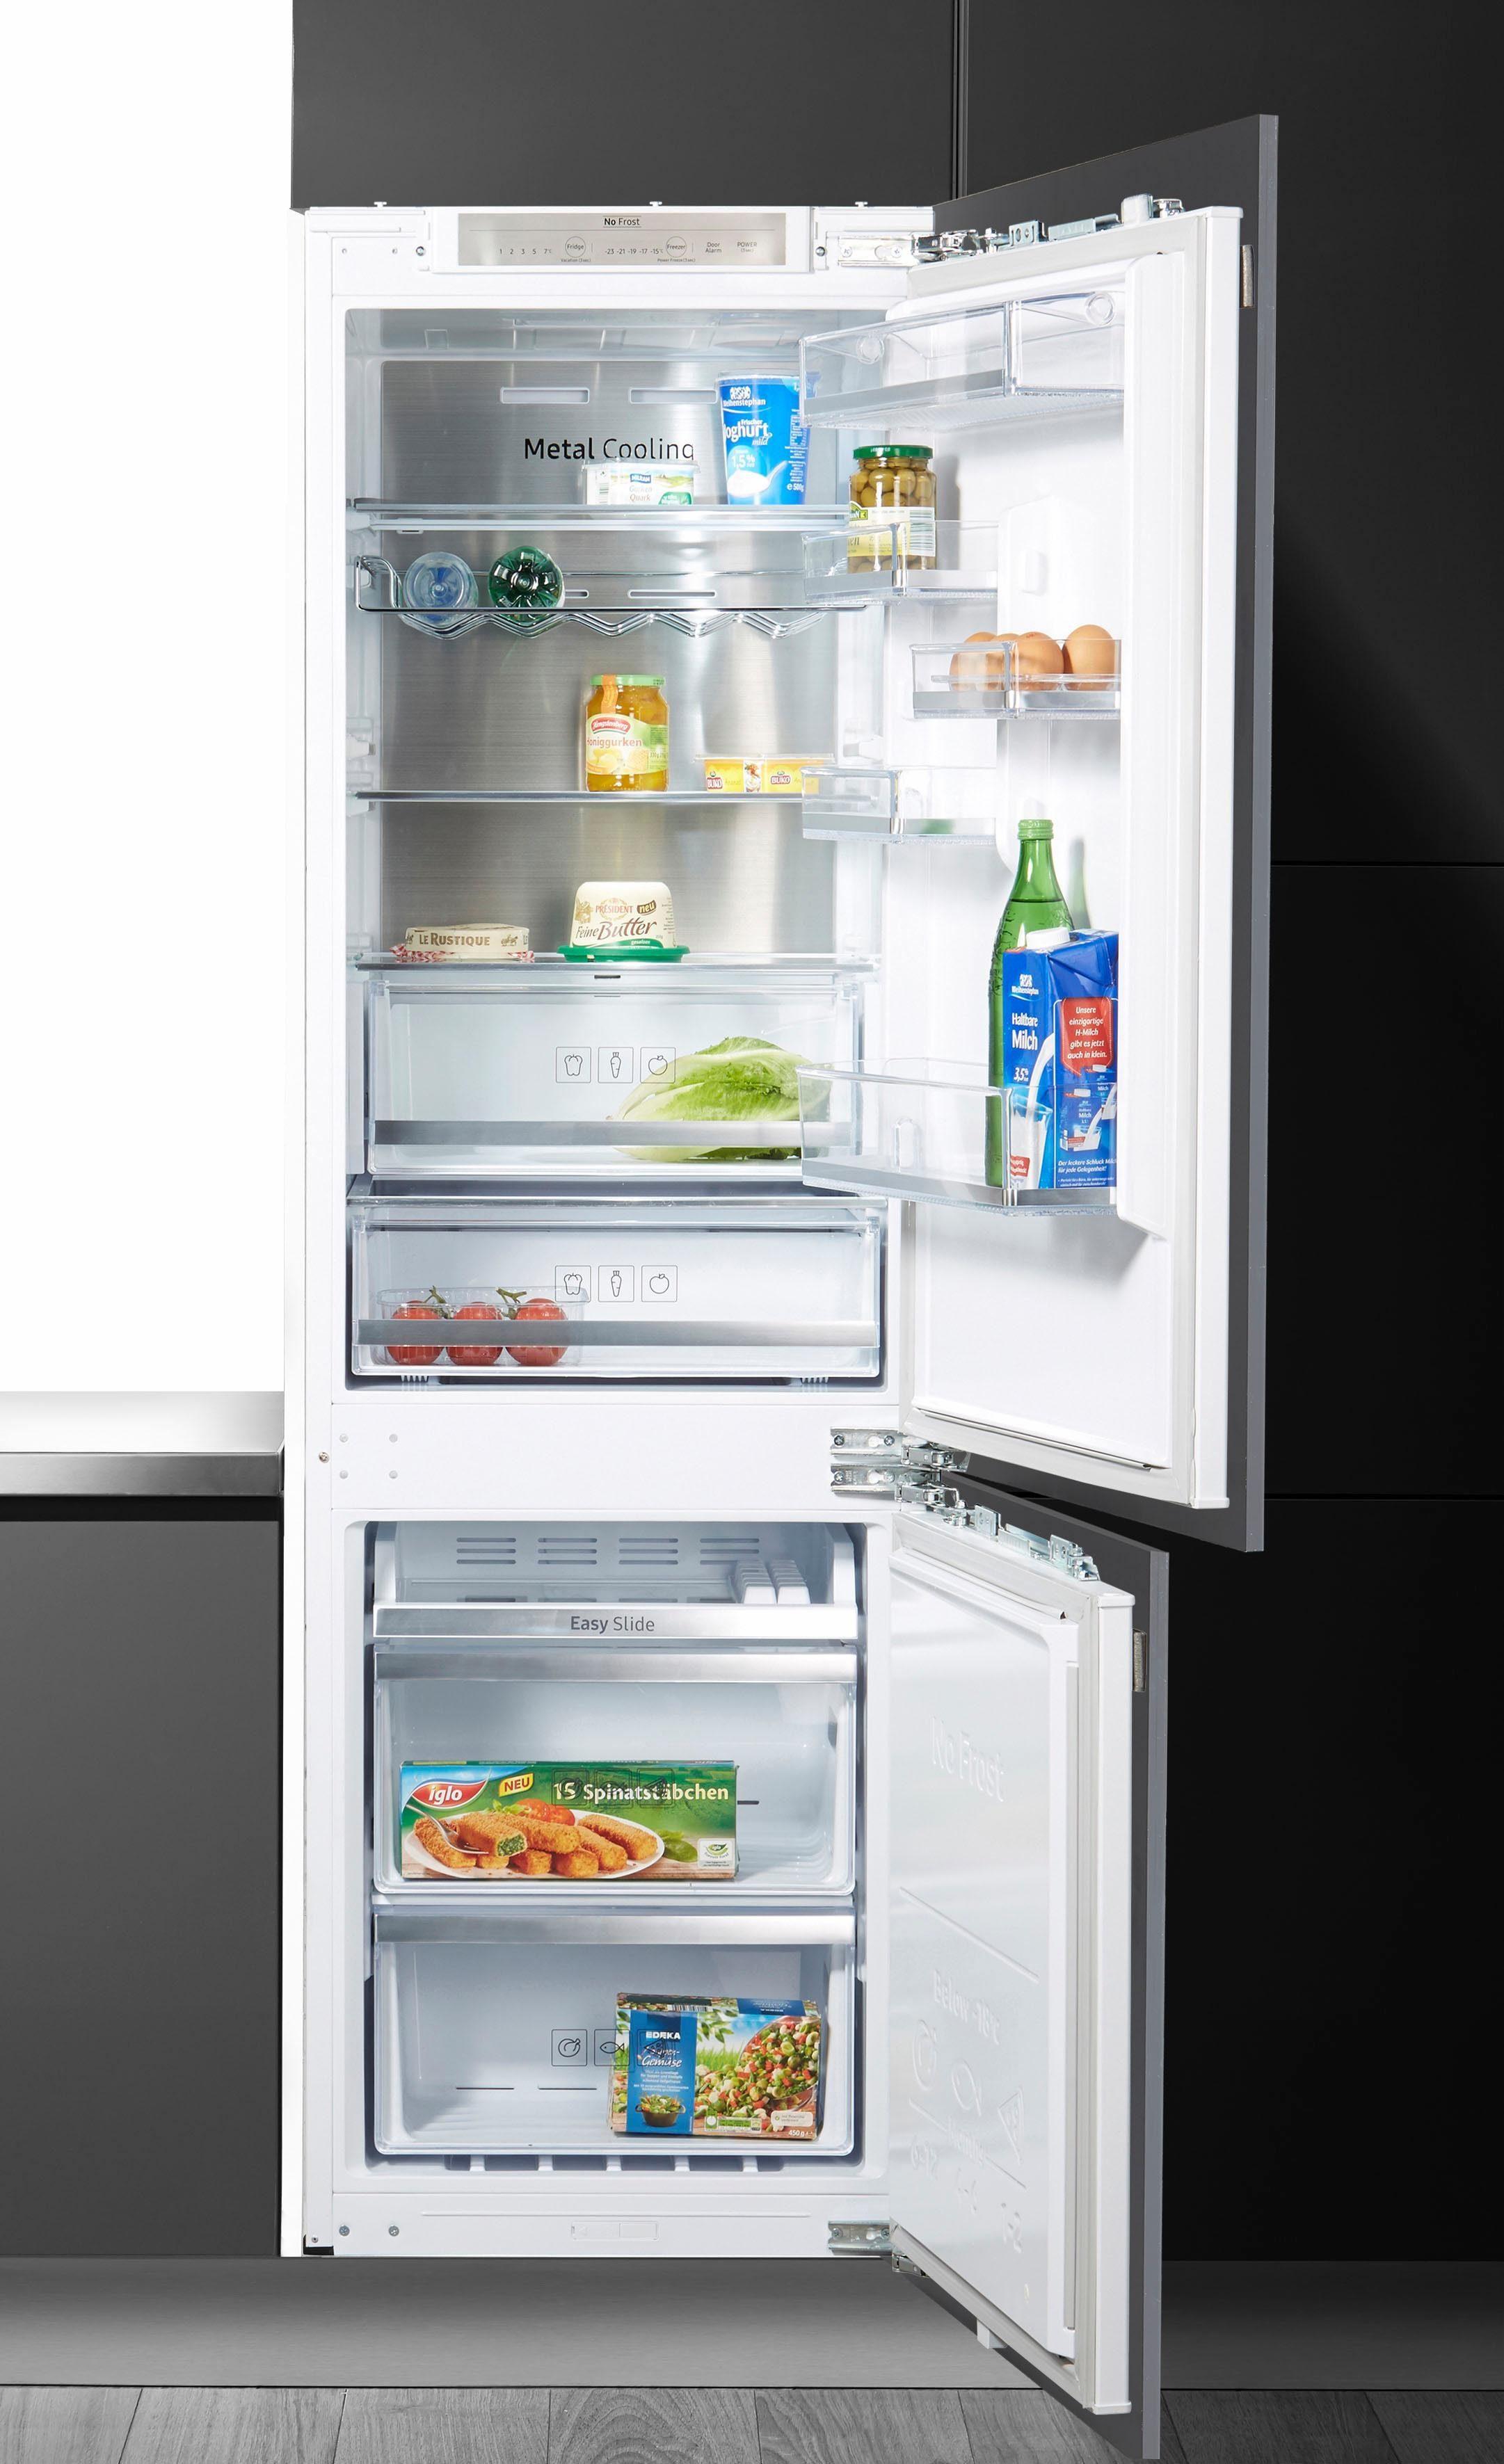 Samsung Einbau-Kühl-Gefrierkombination BRB2G0131WW/EG, Energieeffizienzklasse A+